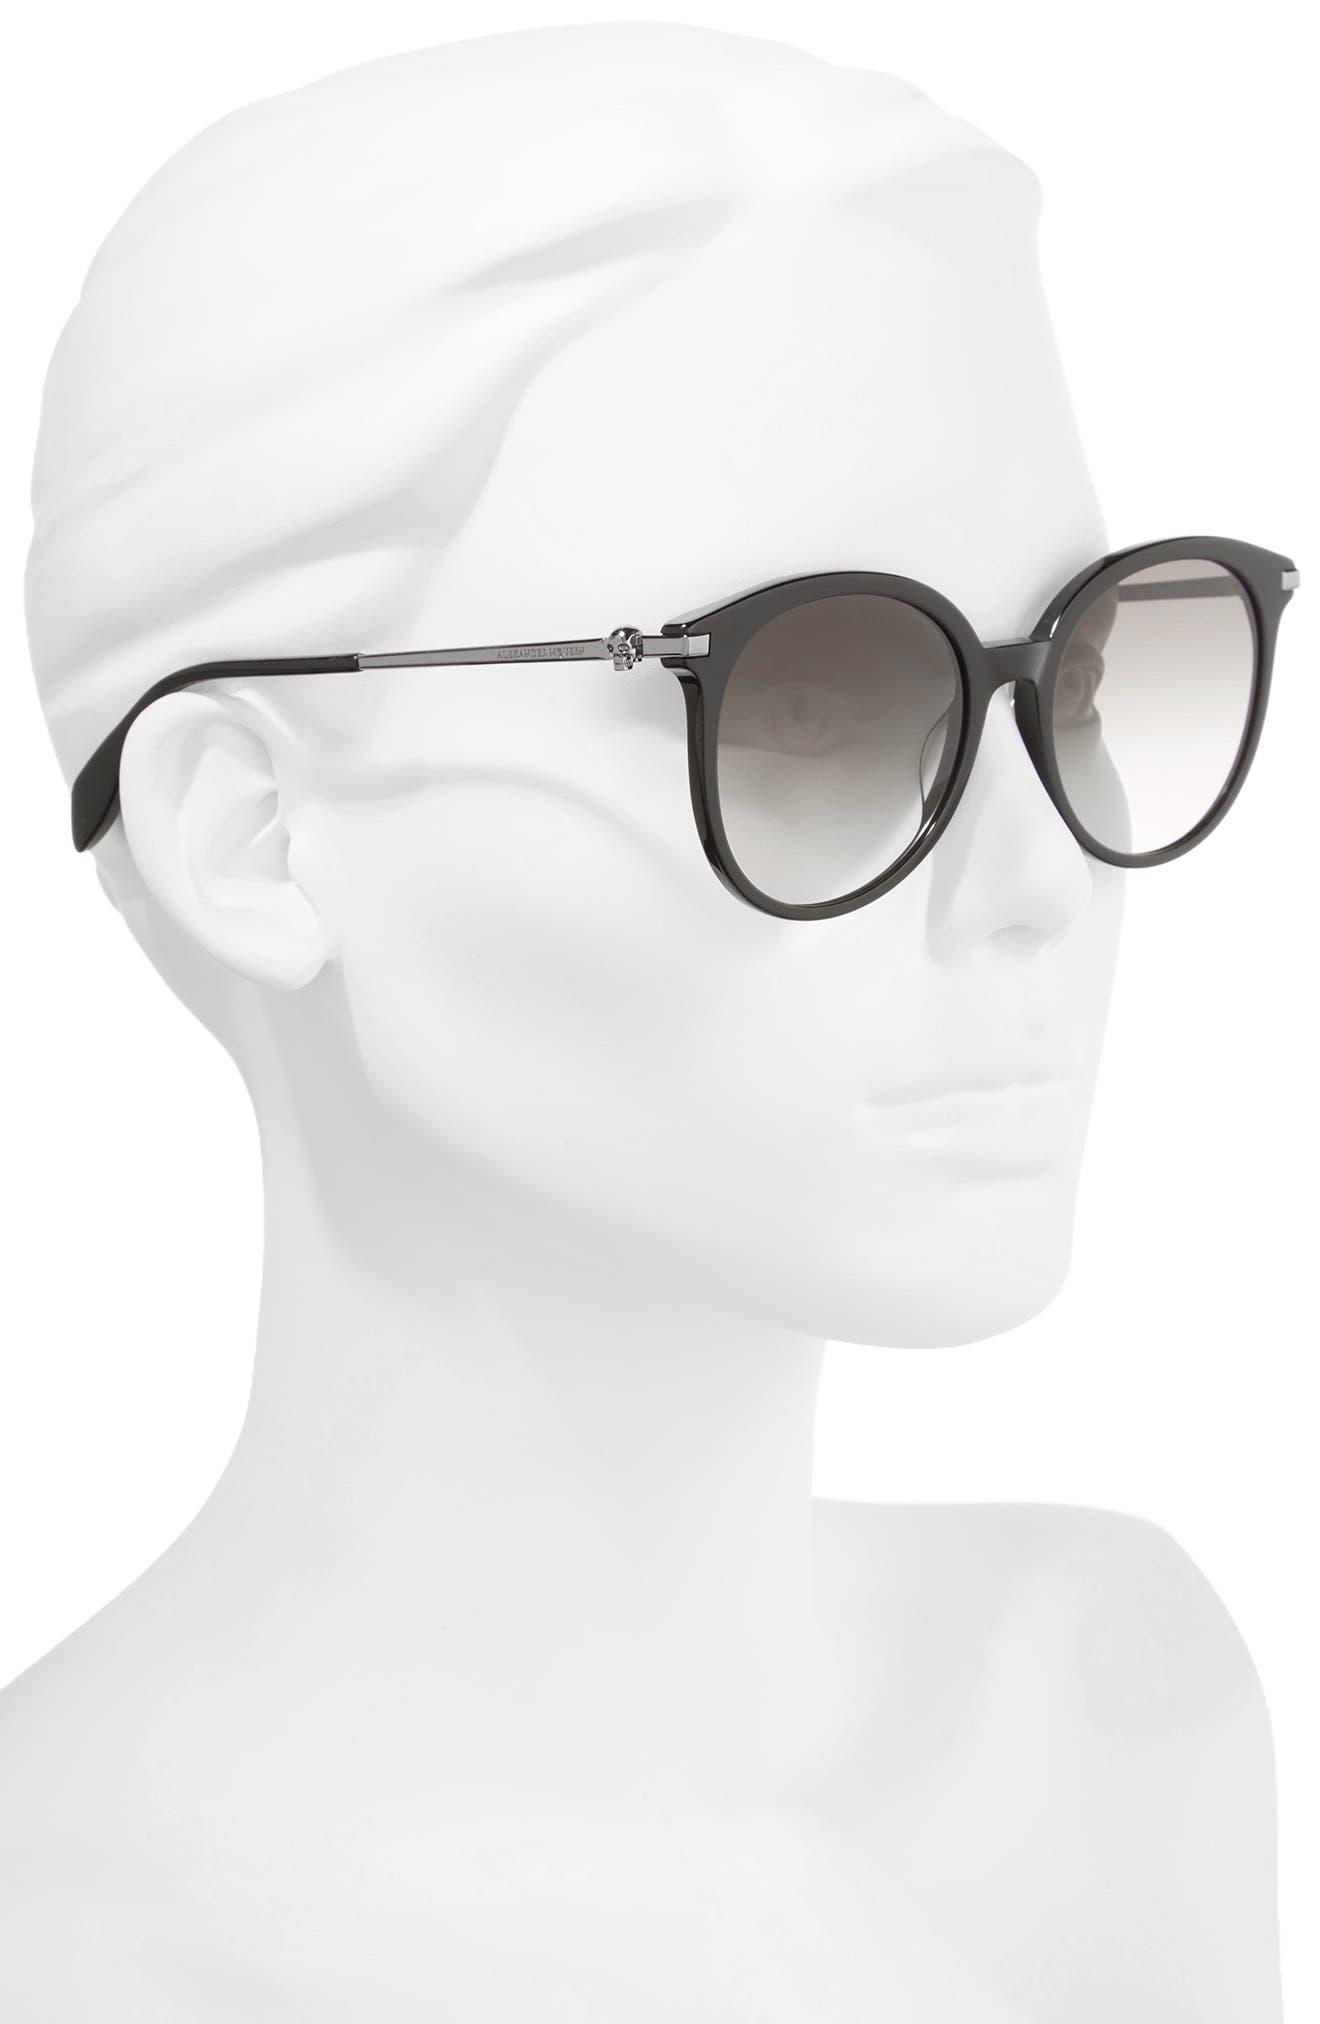 54mm Gradient Lens Round Sunglasses,                             Alternate thumbnail 2, color,                             Dark Ruthenium/ Black